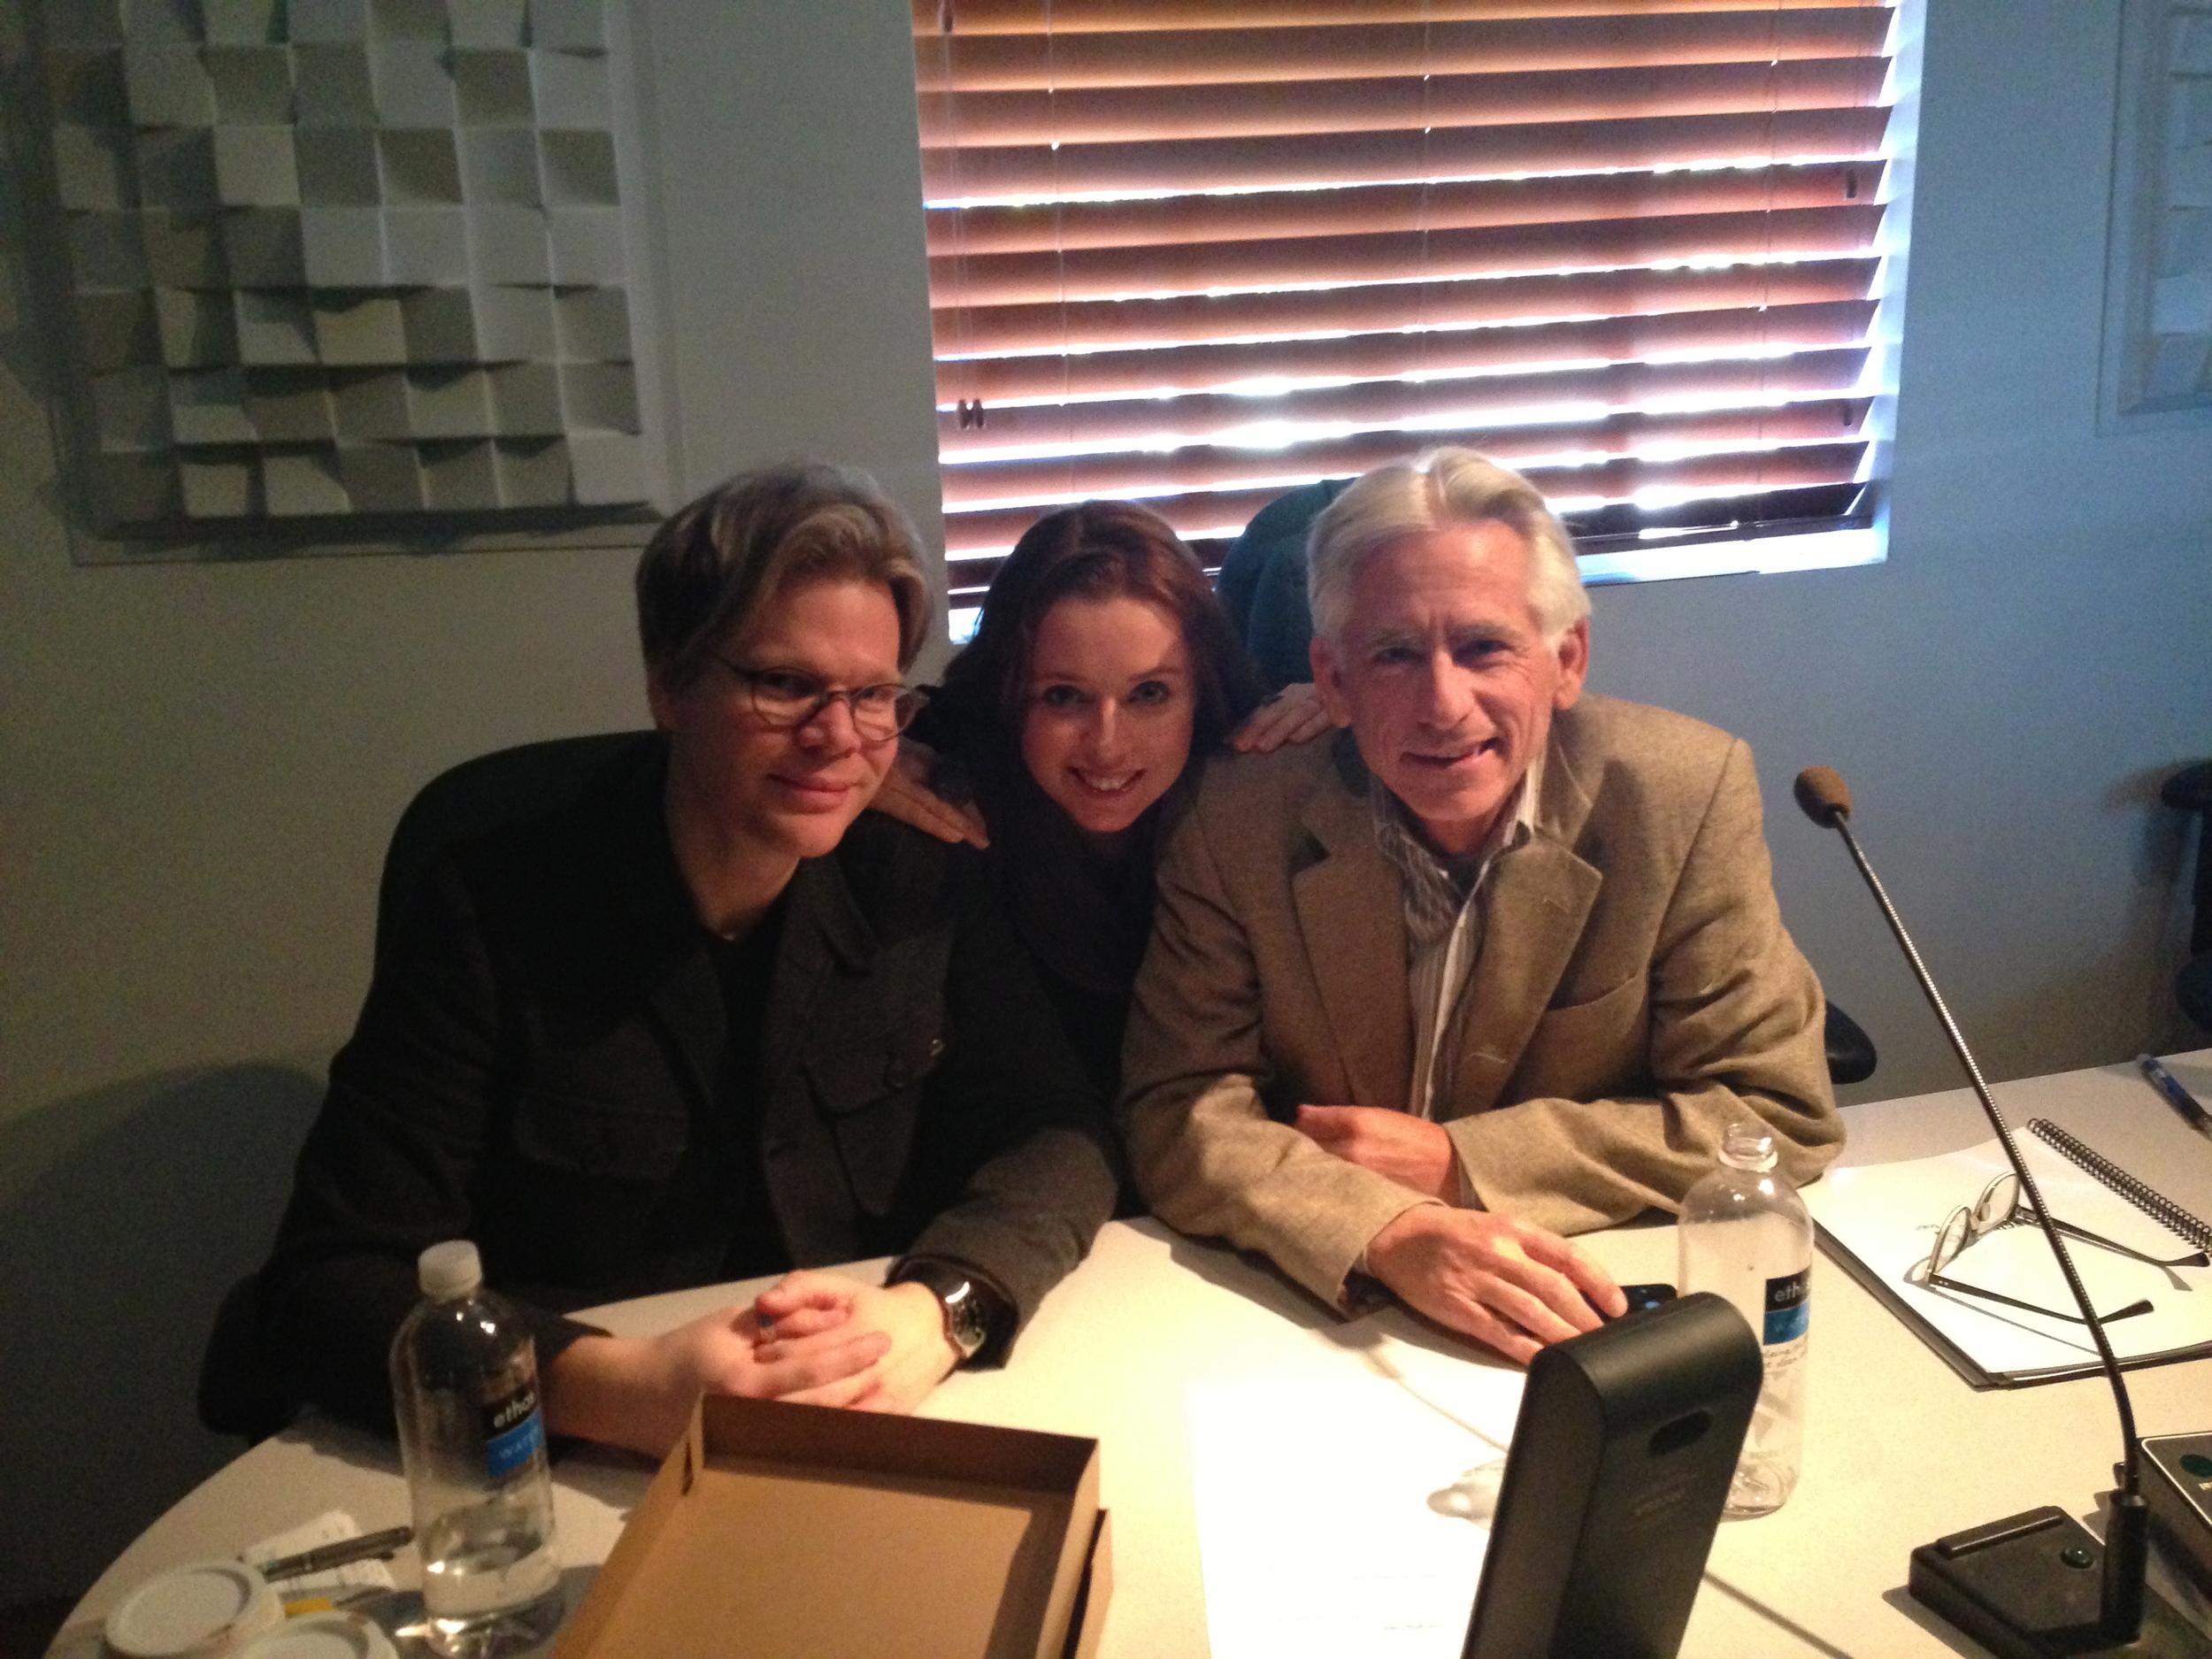 BC, Michelle & Benoit